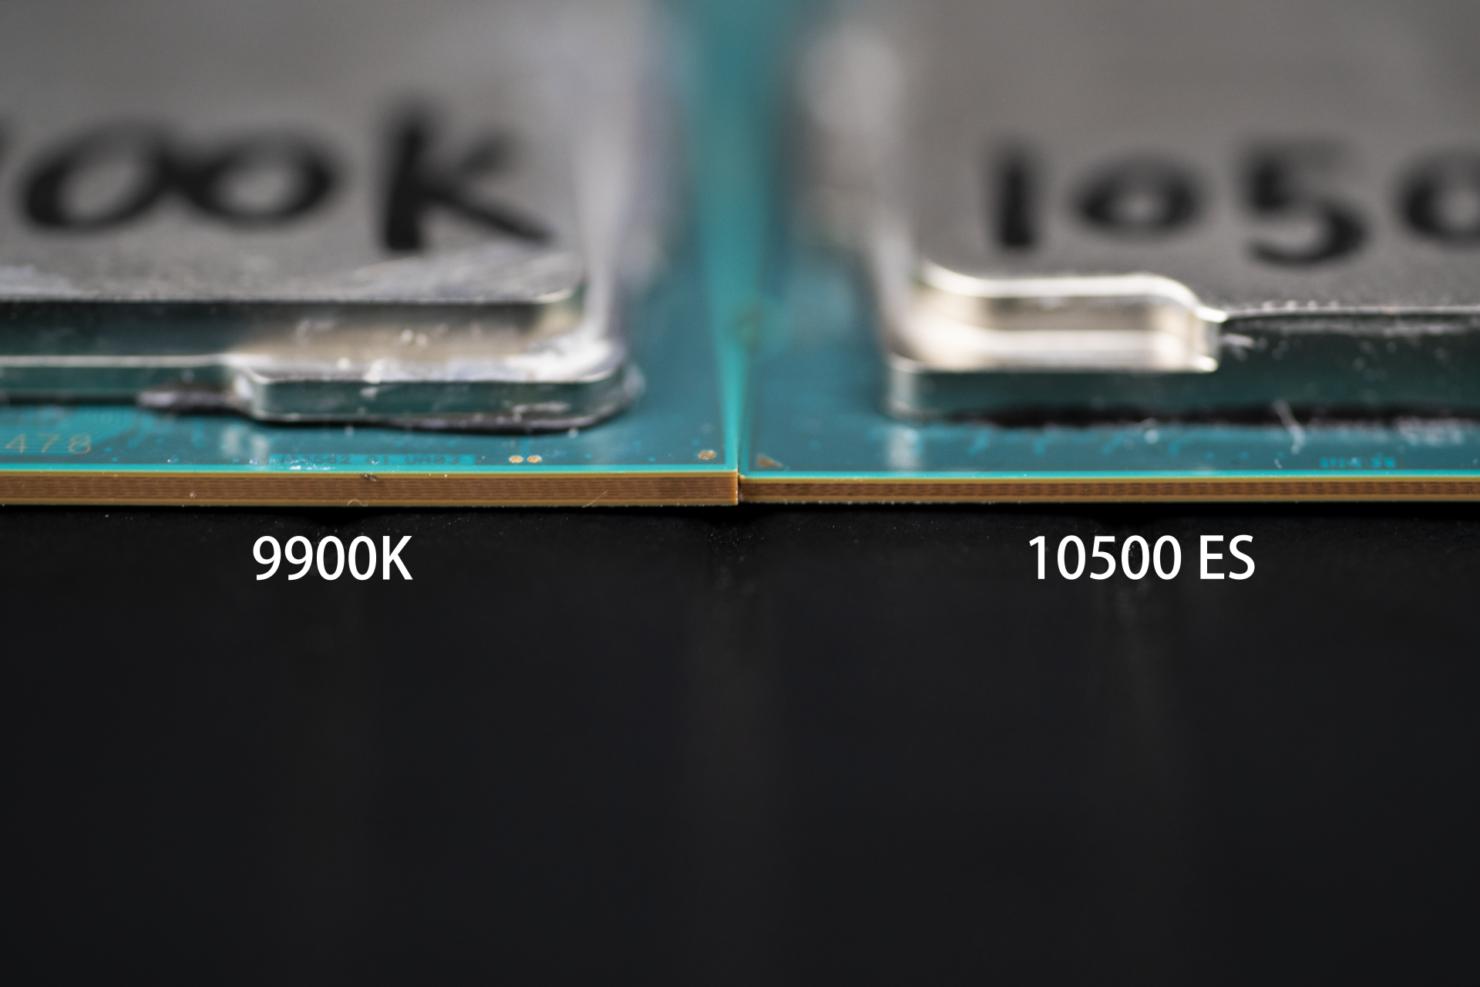 intel-10th-gen-comet-lake-s-desktop-cpus_core-i5-10500-es-pcb